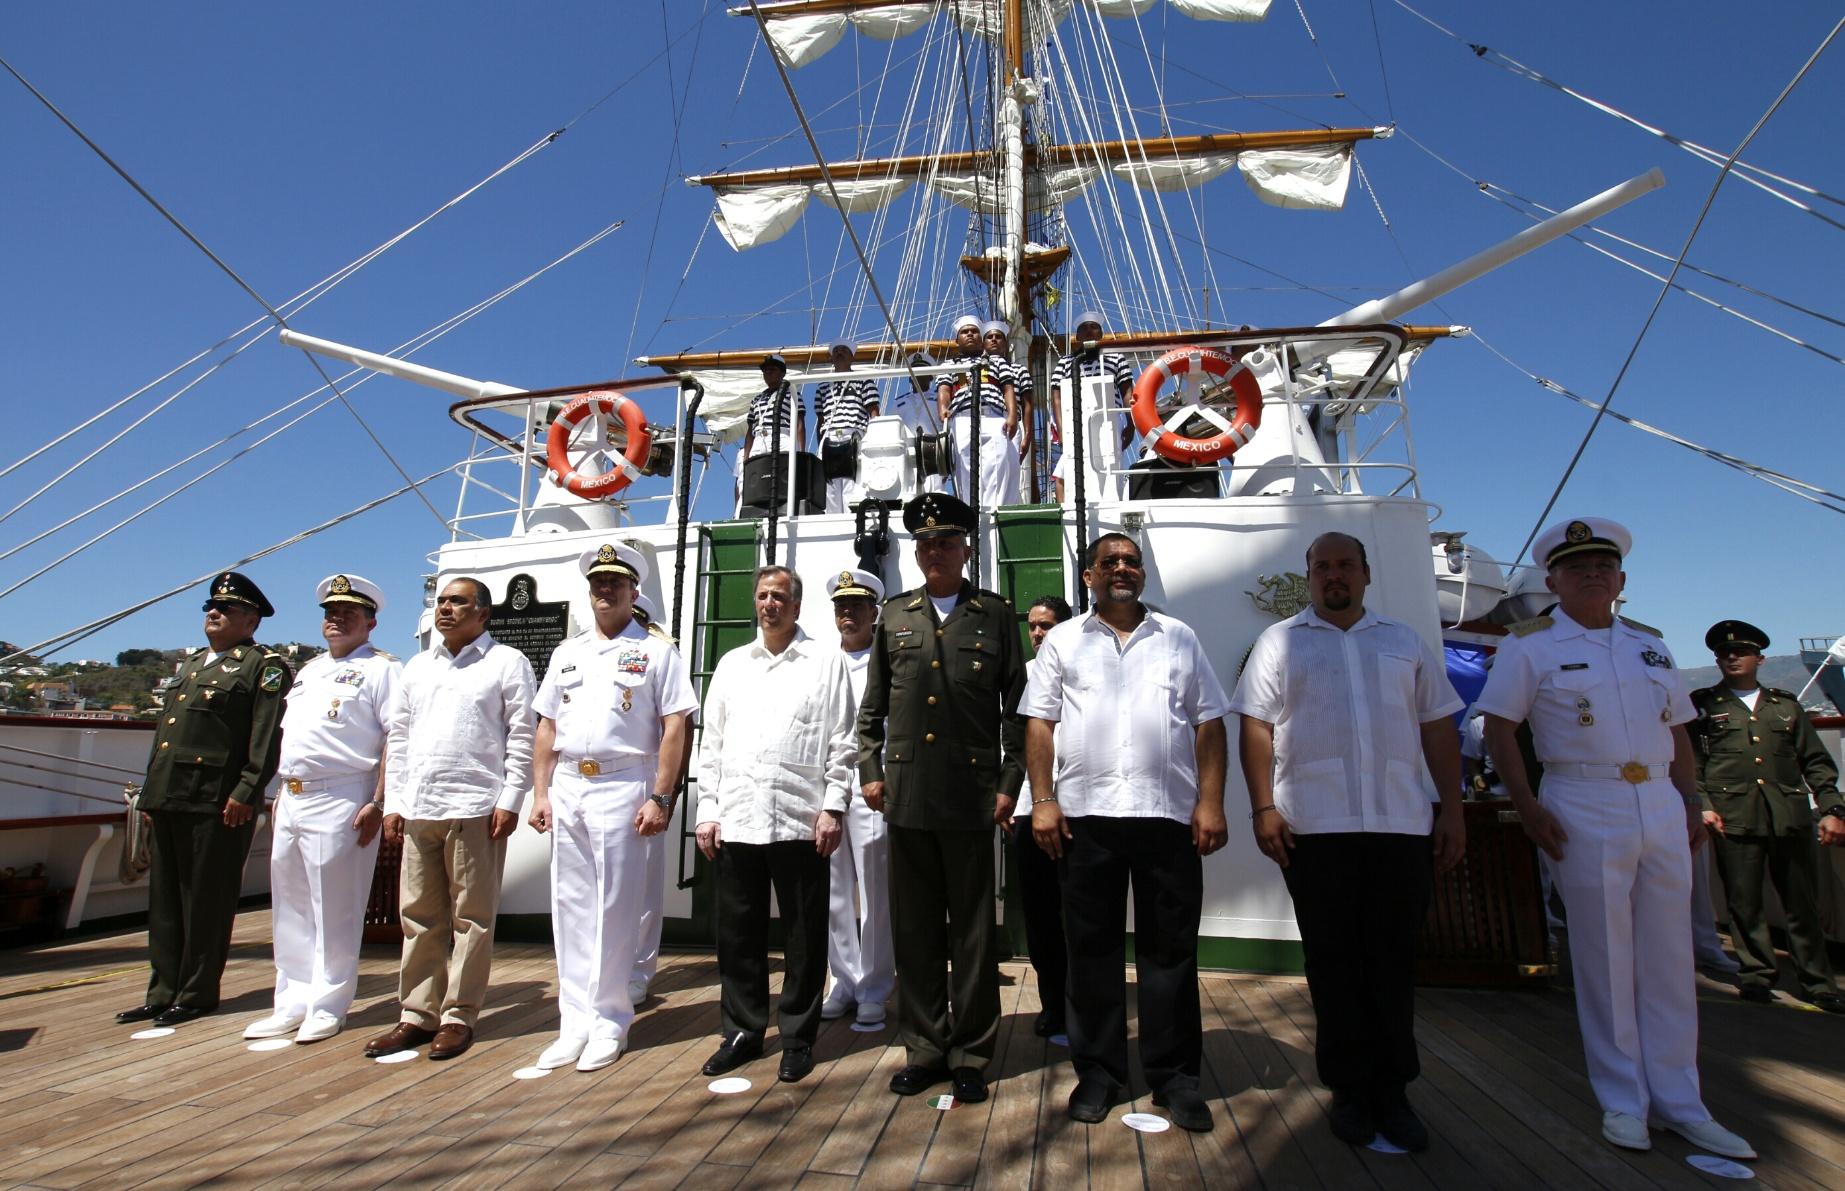 El secretario de Desarrollo Social, José Antonio Meade Kuribreña, asistió este sábado, con la representación presidencial, a la ceremonia de zarpe del Buque Escuela Cuauhtémoc, en un acto celebrado en el puerto de Acapulco.